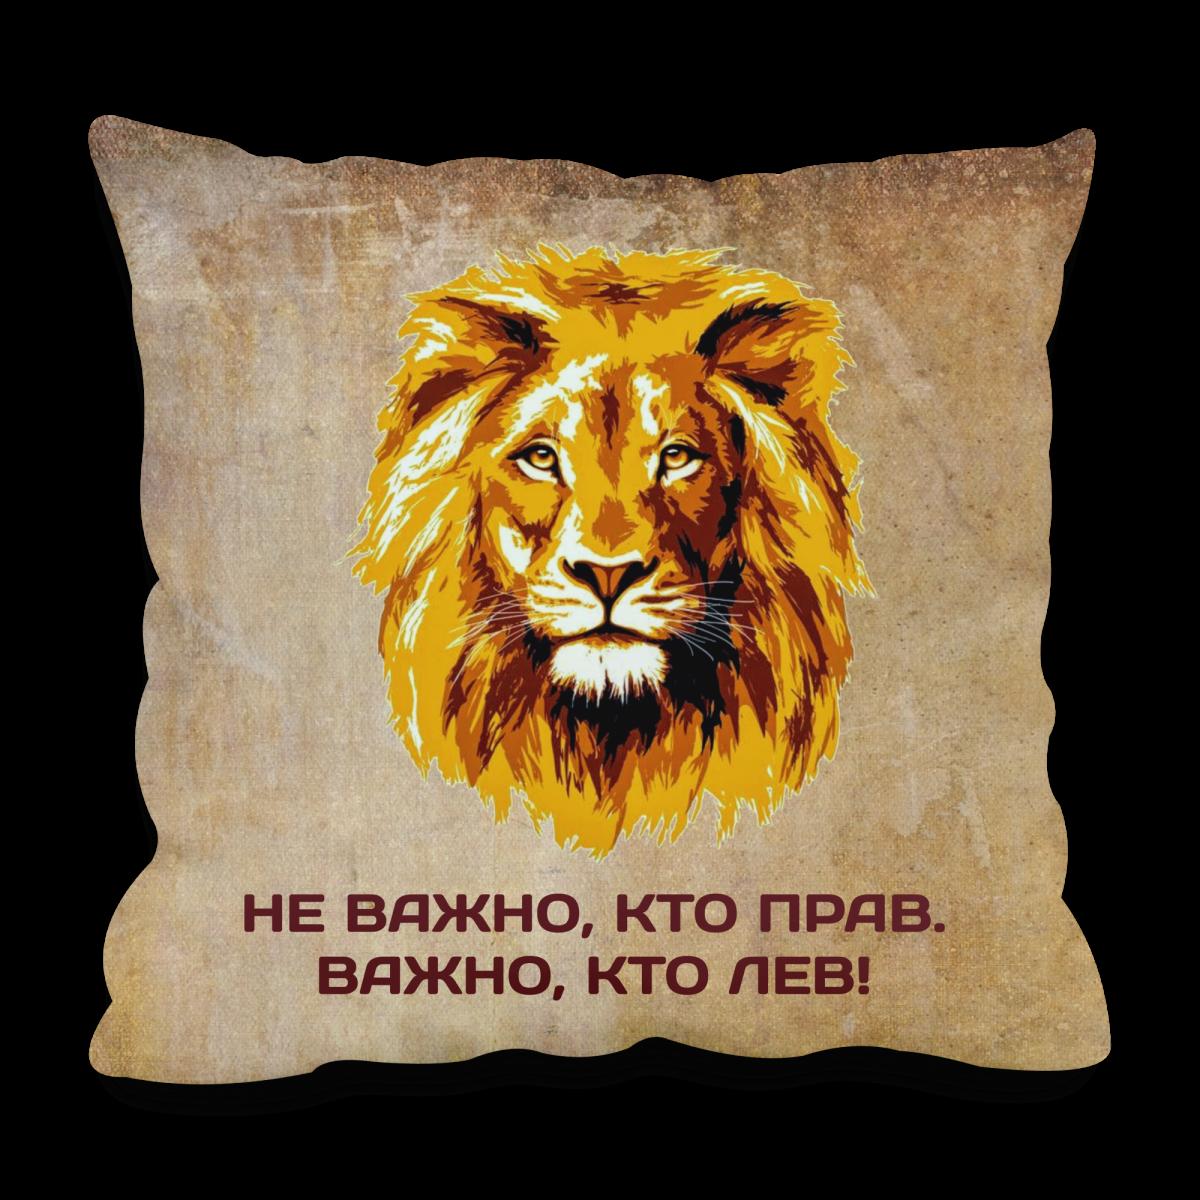 Подушка со львом